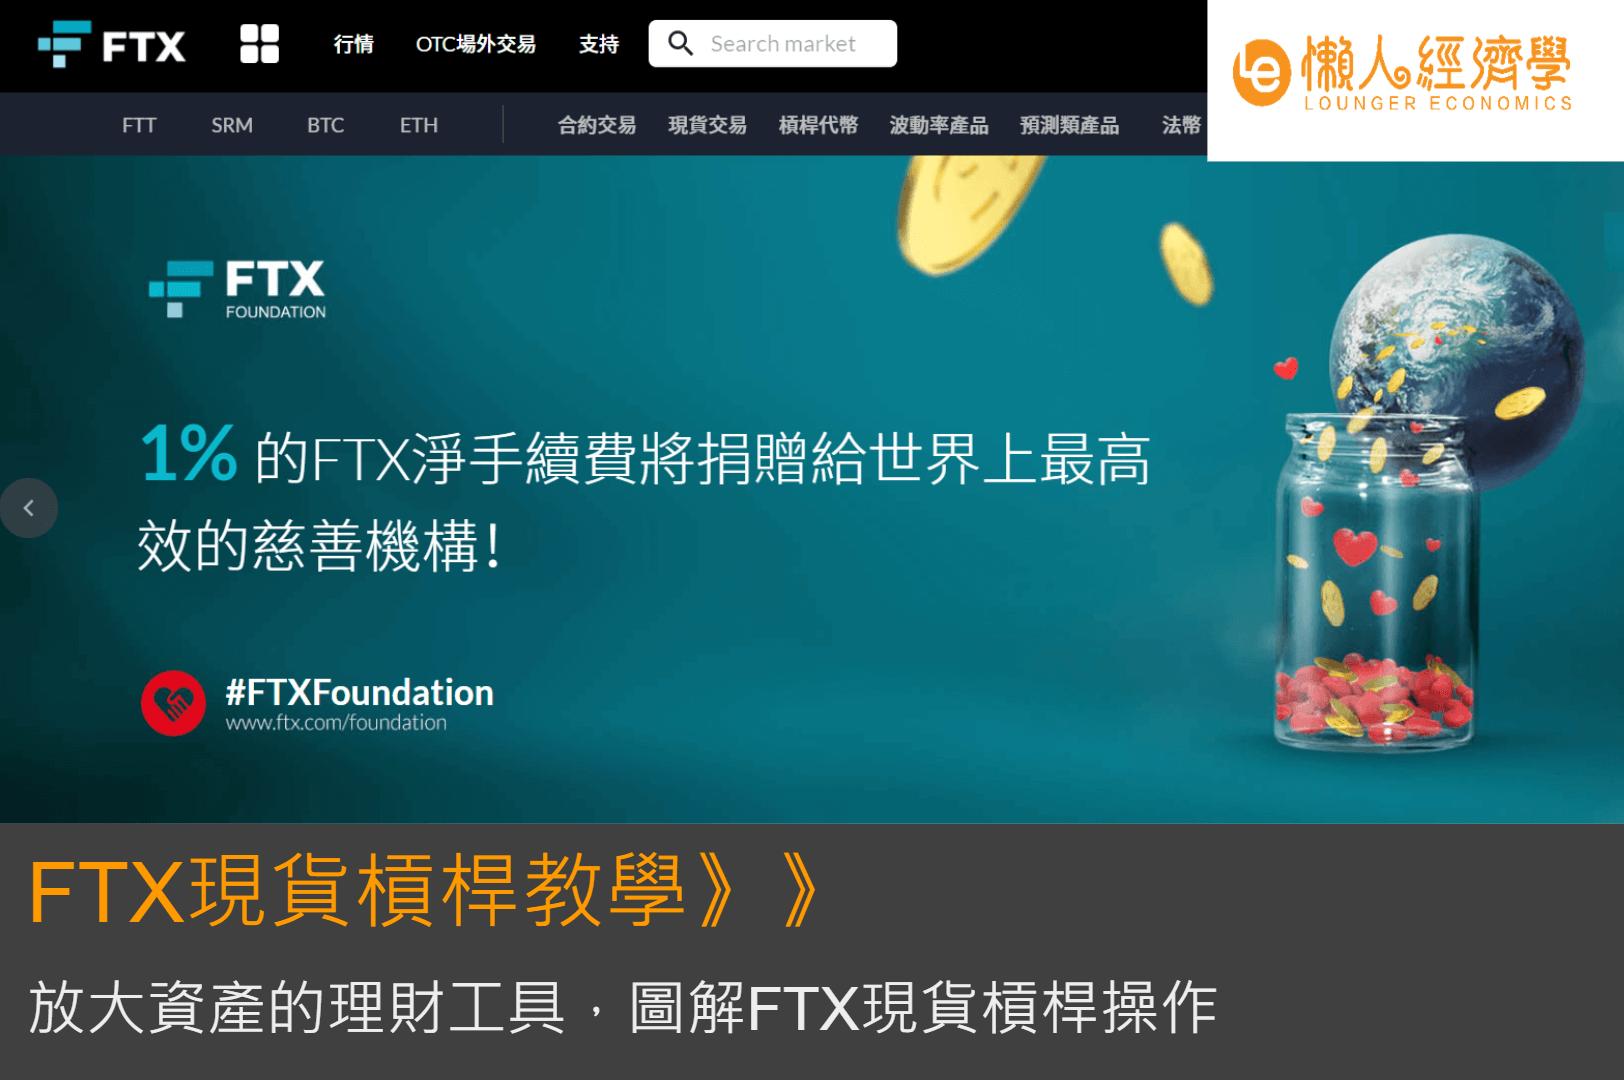 FTX現貨槓桿教學:放大資產的理財工具,圖解FTX現貨槓桿操作